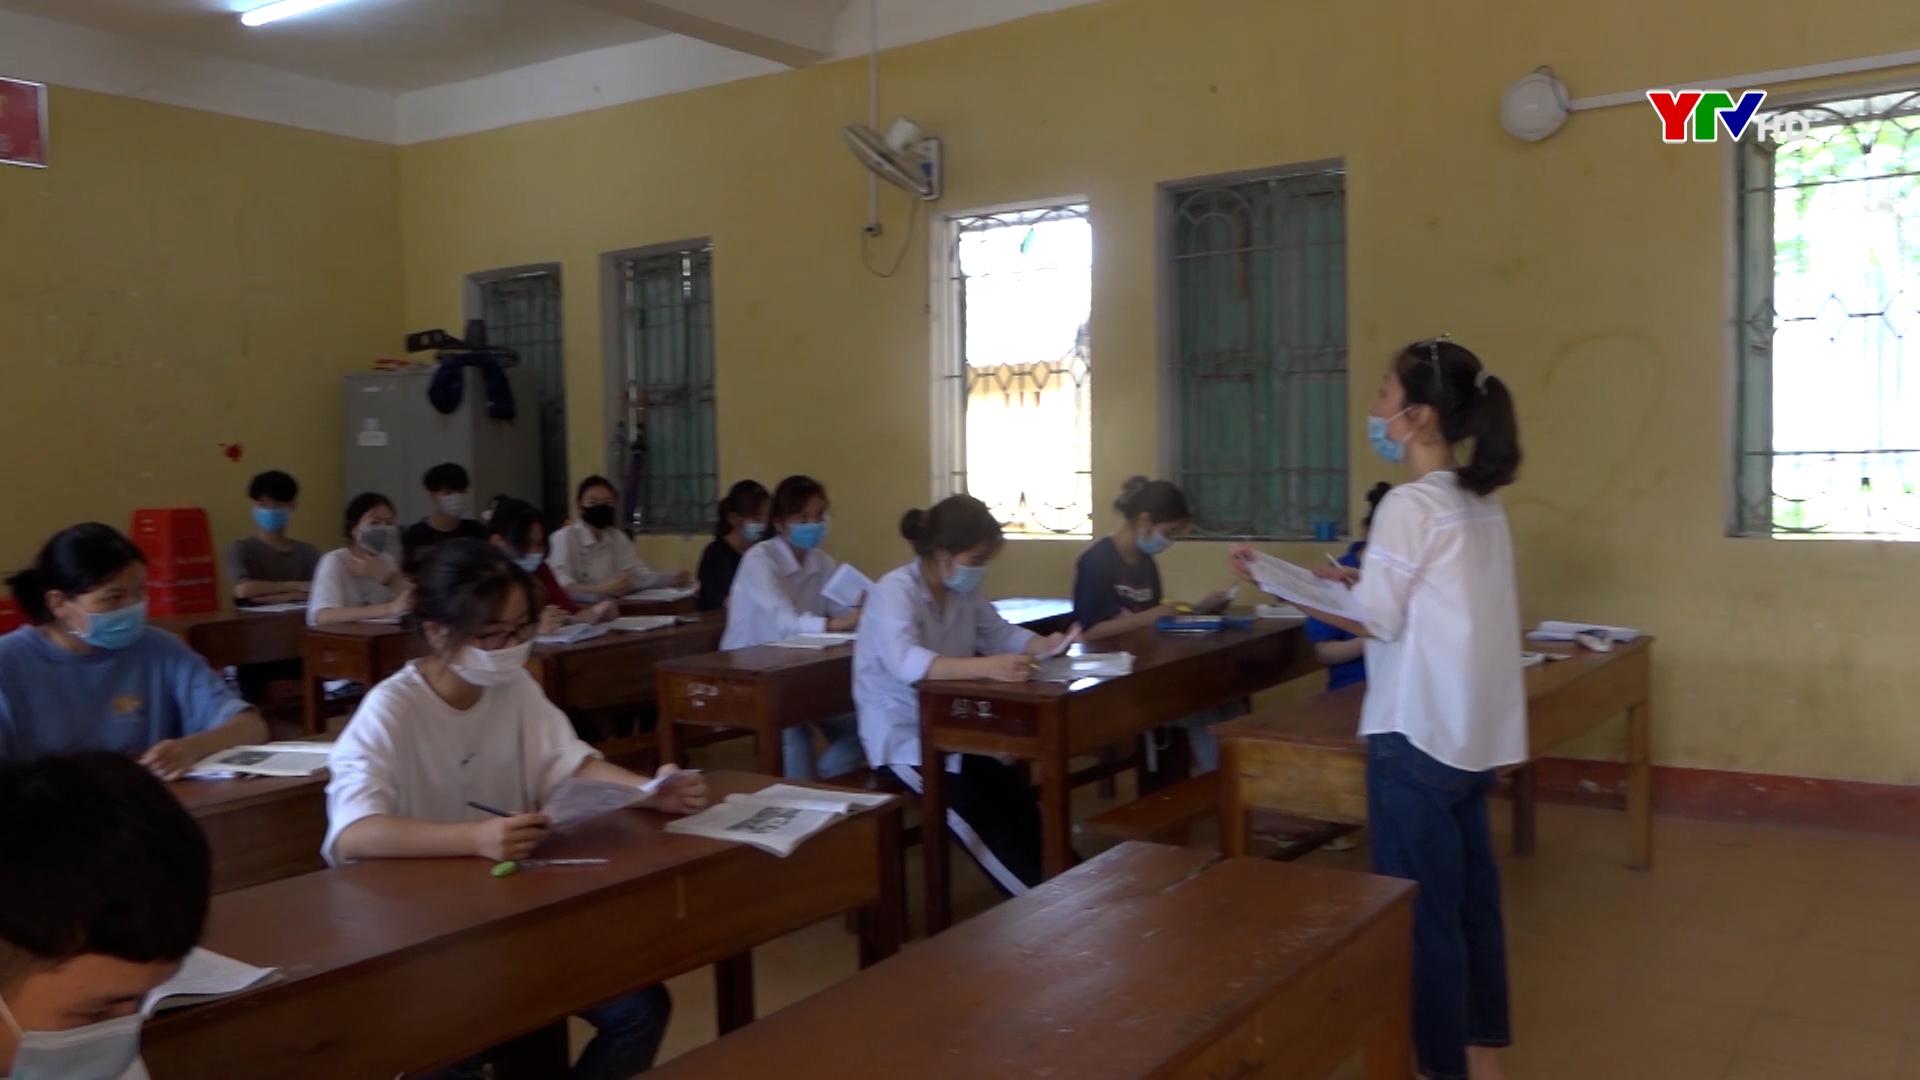 Trường THPT Văn Chấn tập trung ôn tập cho học sinh lớp 12